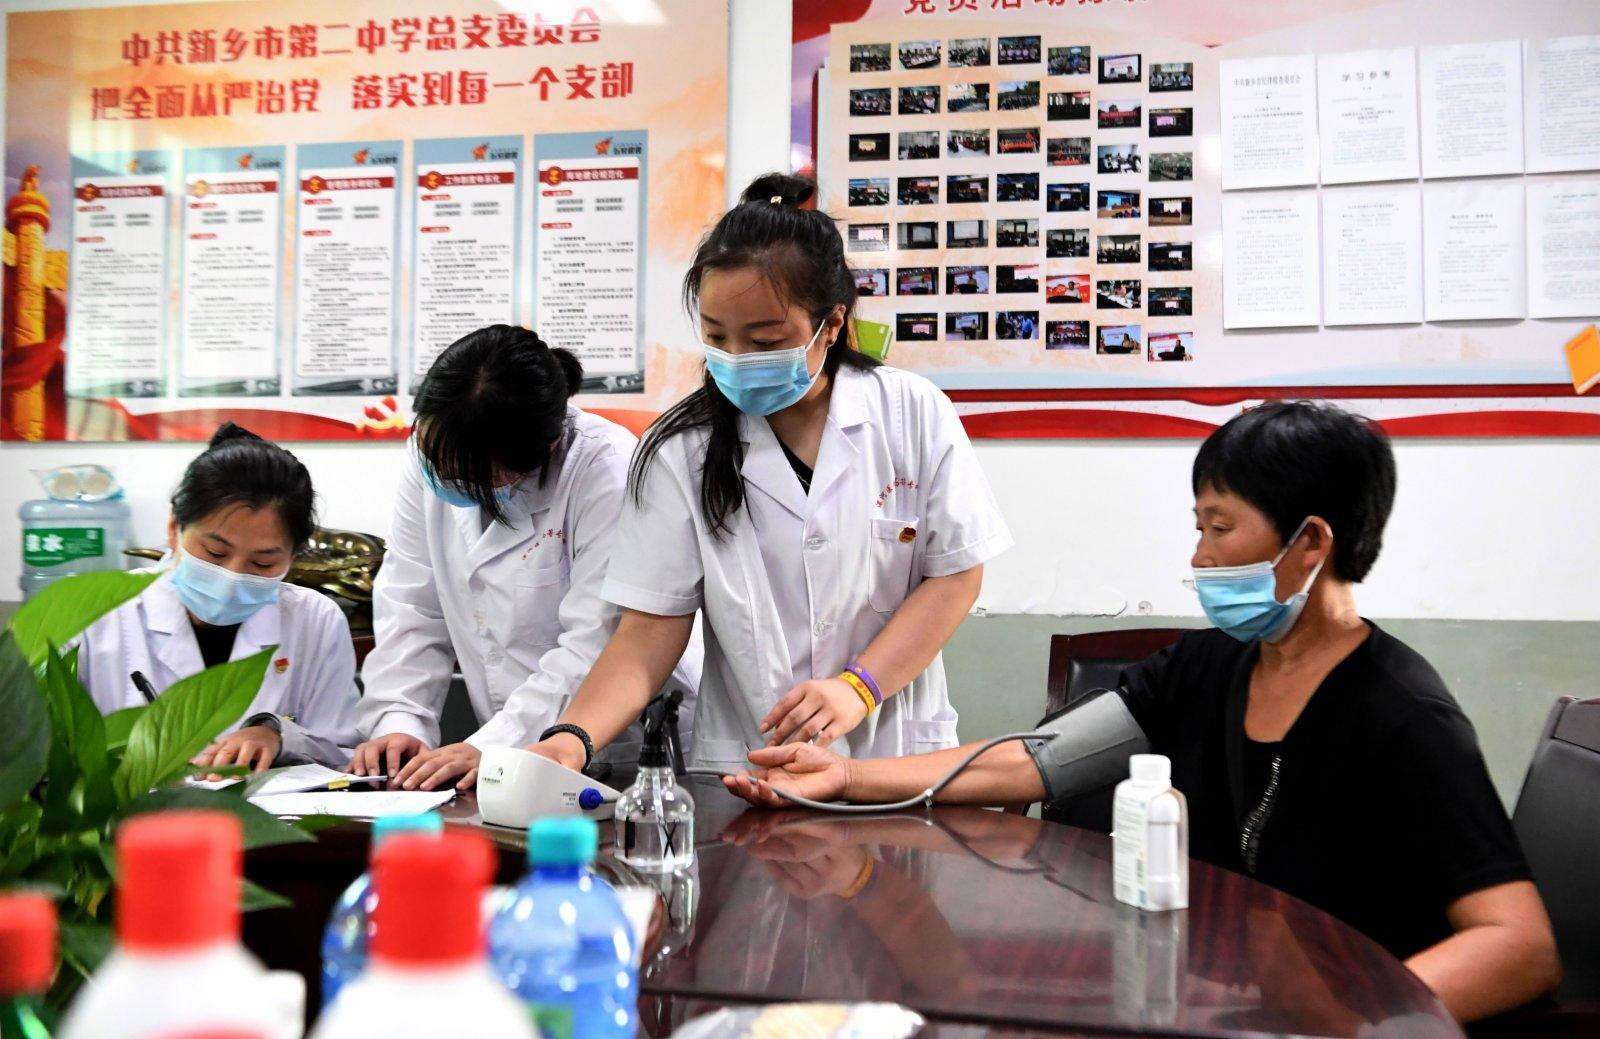 醫護人員在河南省新鄉市第二中學臨時醫療救助點為轉移村民測量血壓。